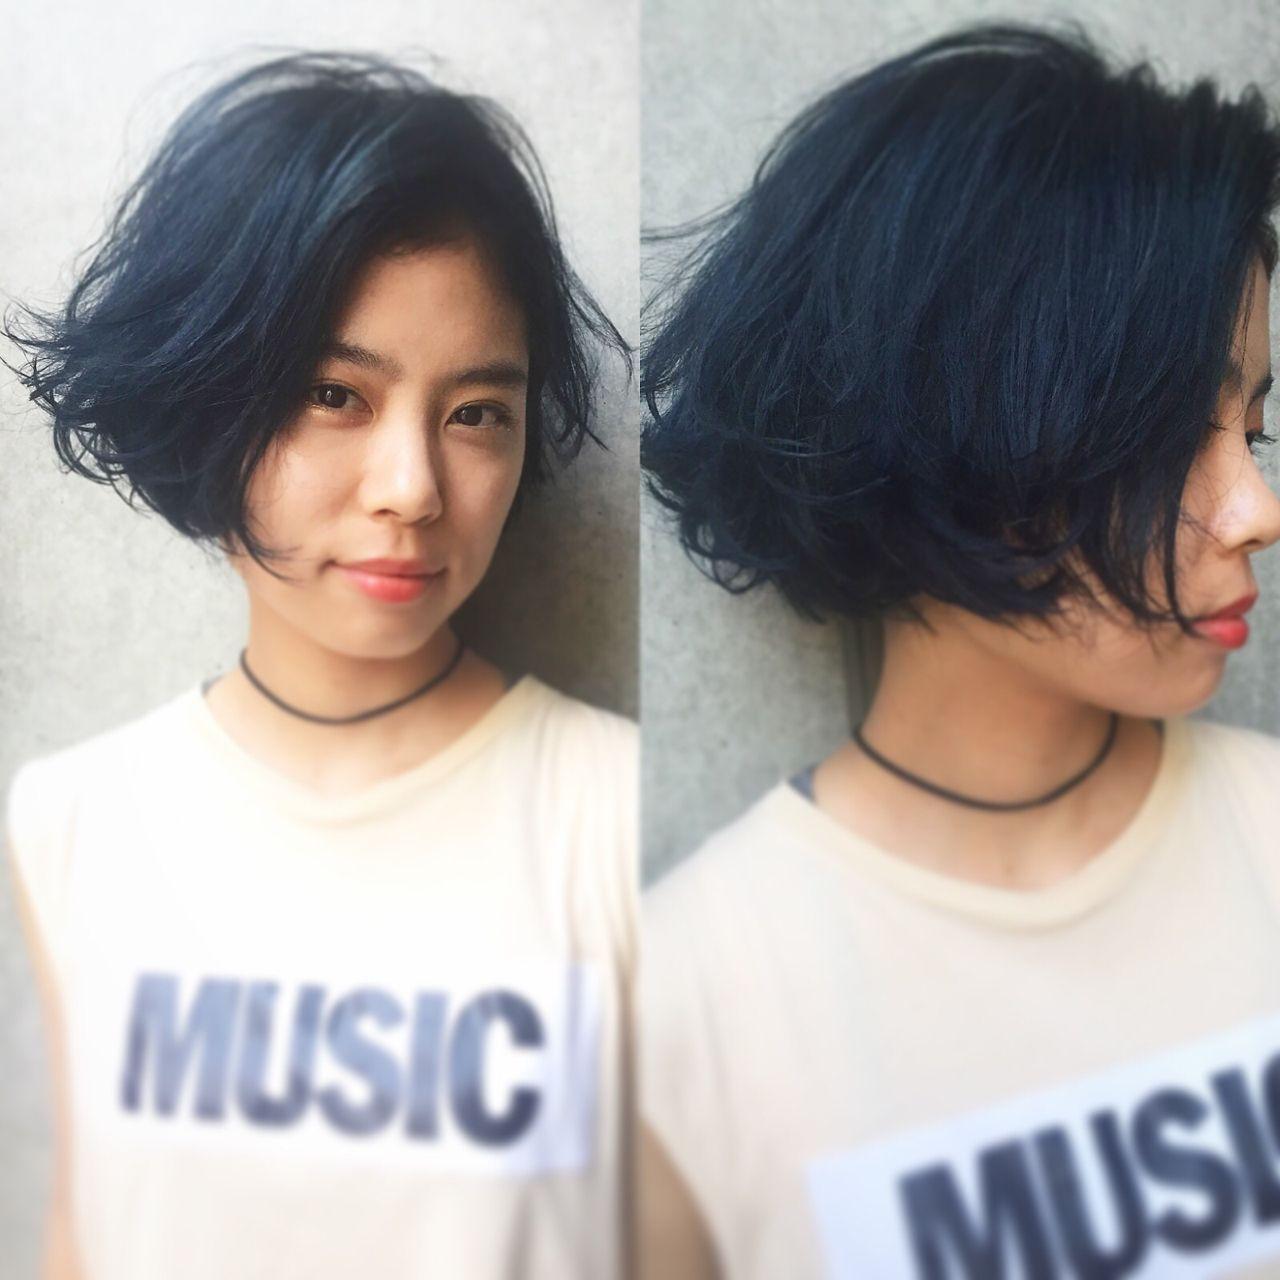 ボブ 黒髪 グラデーションカラー ストリート ヘアスタイルや髪型の写真・画像 | bibito crew / bibito